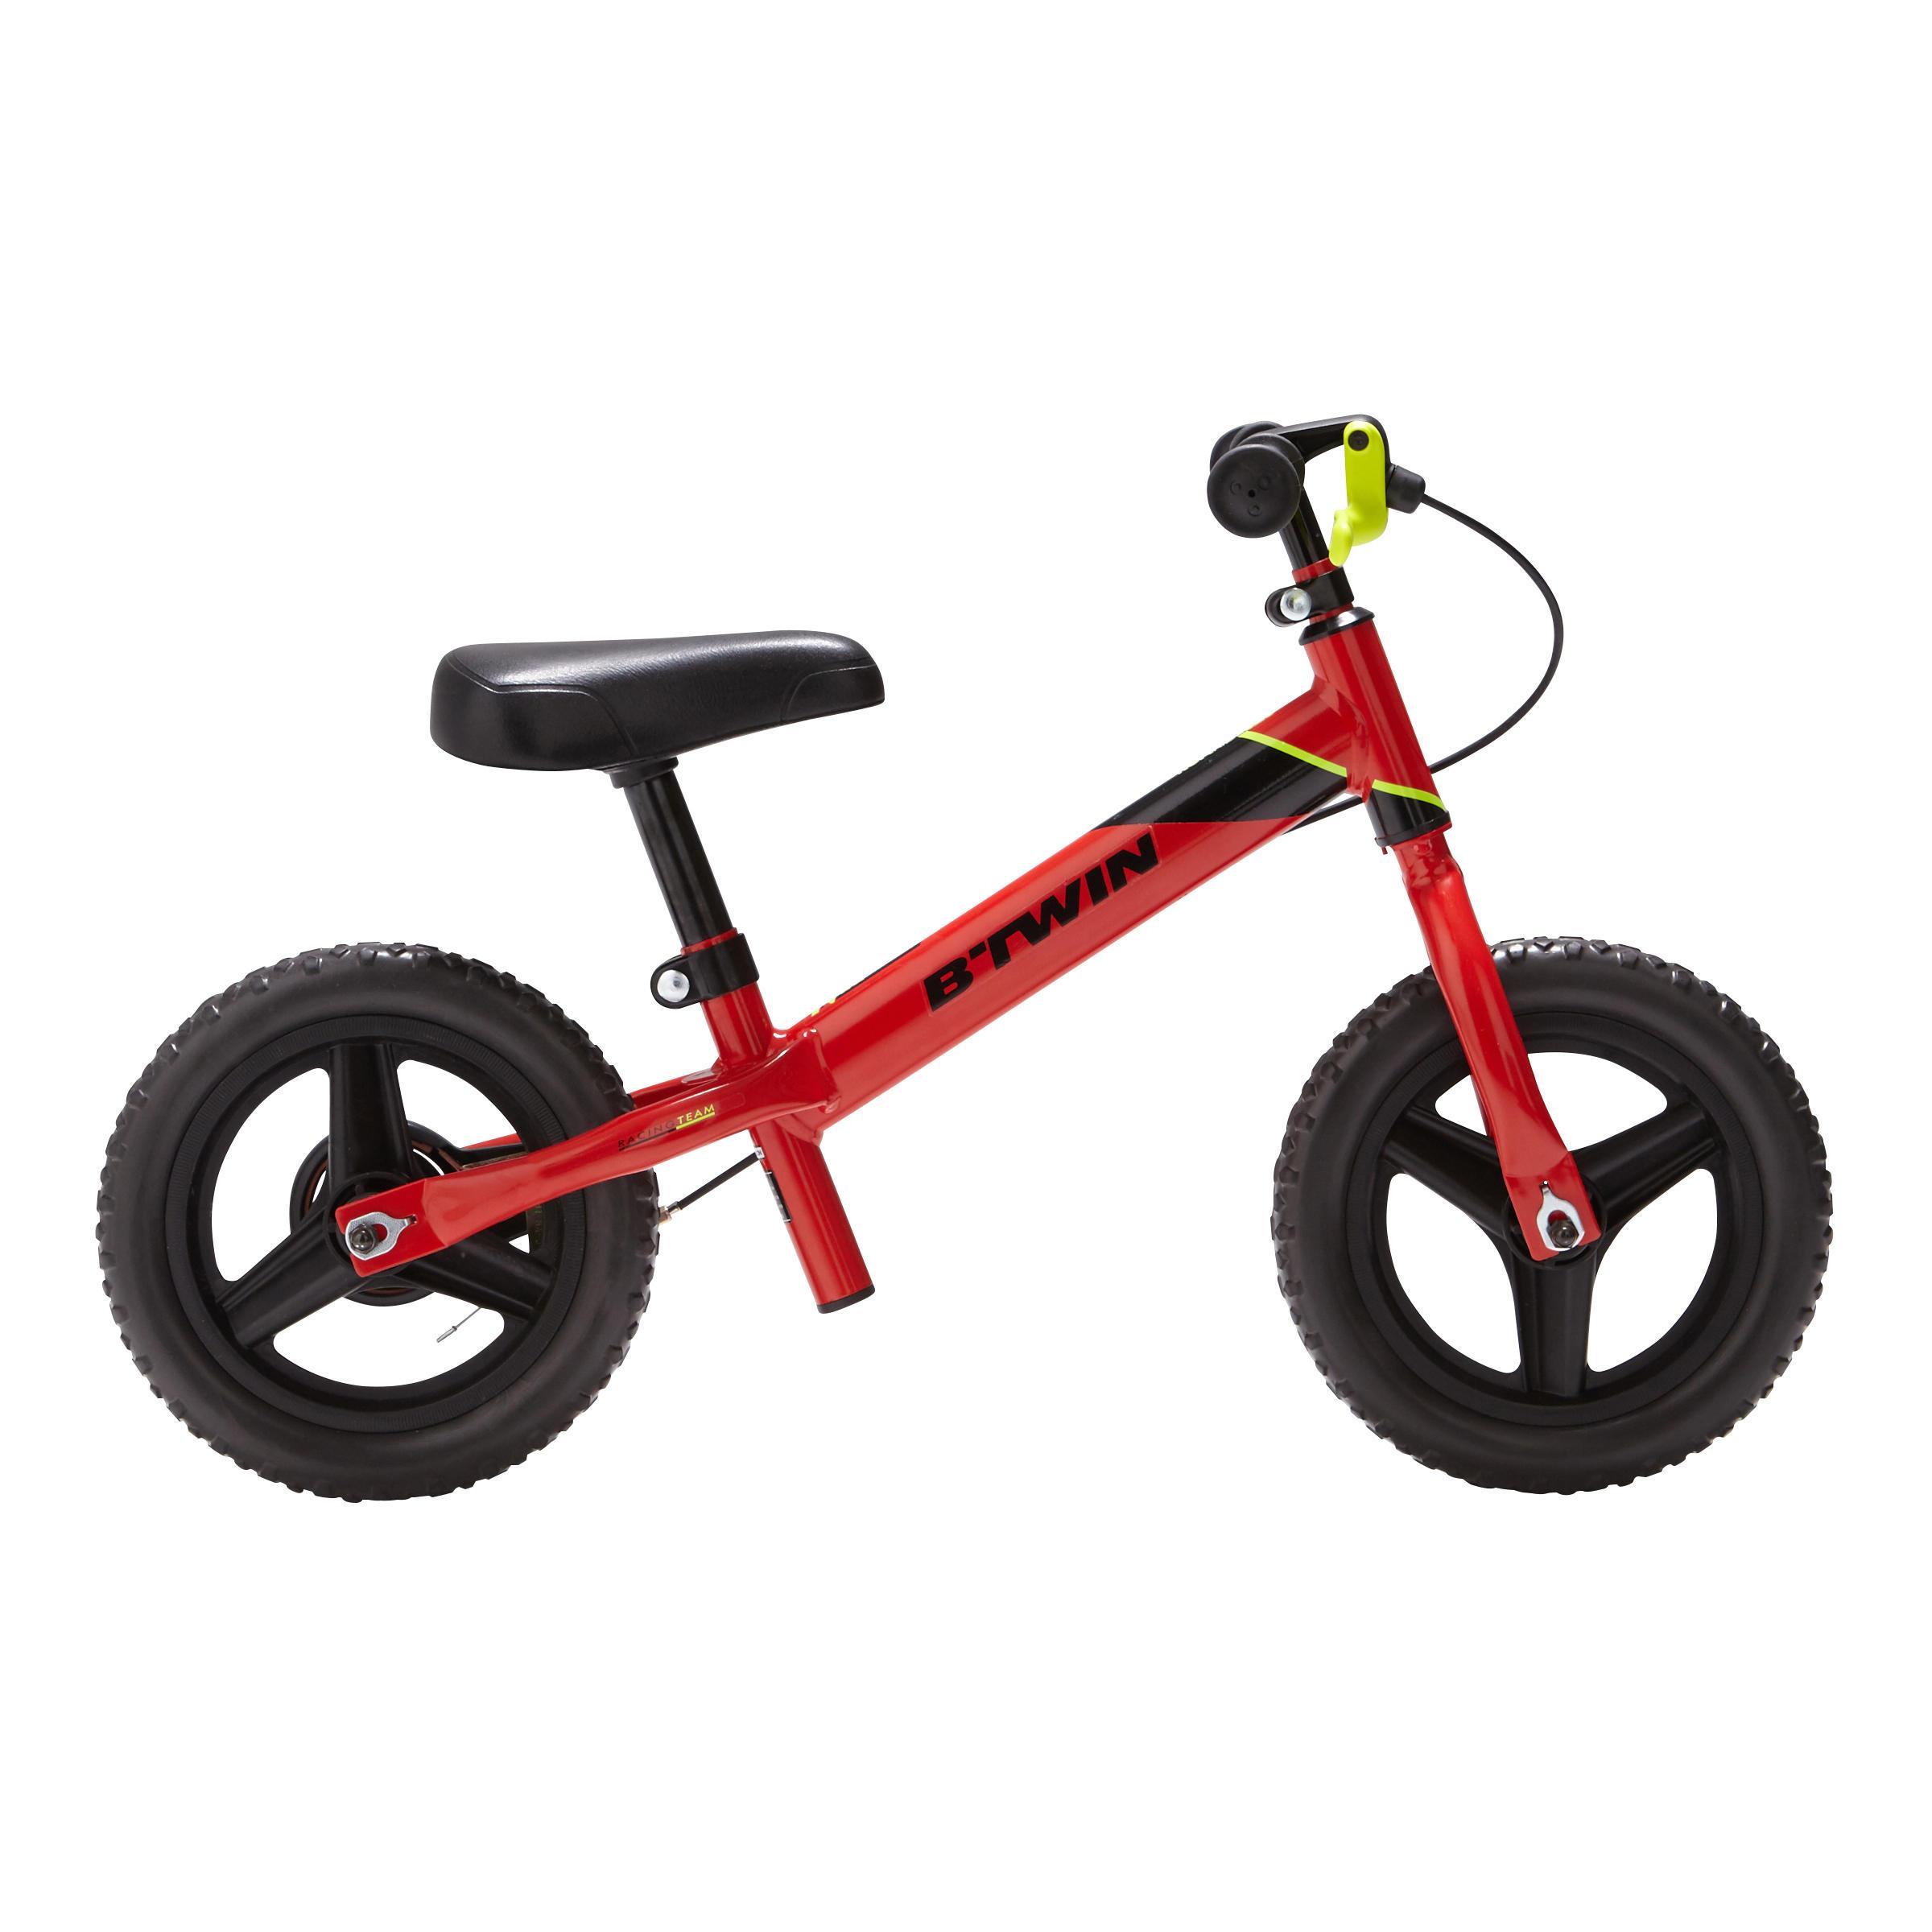 Bicicletă Runride Racing 520